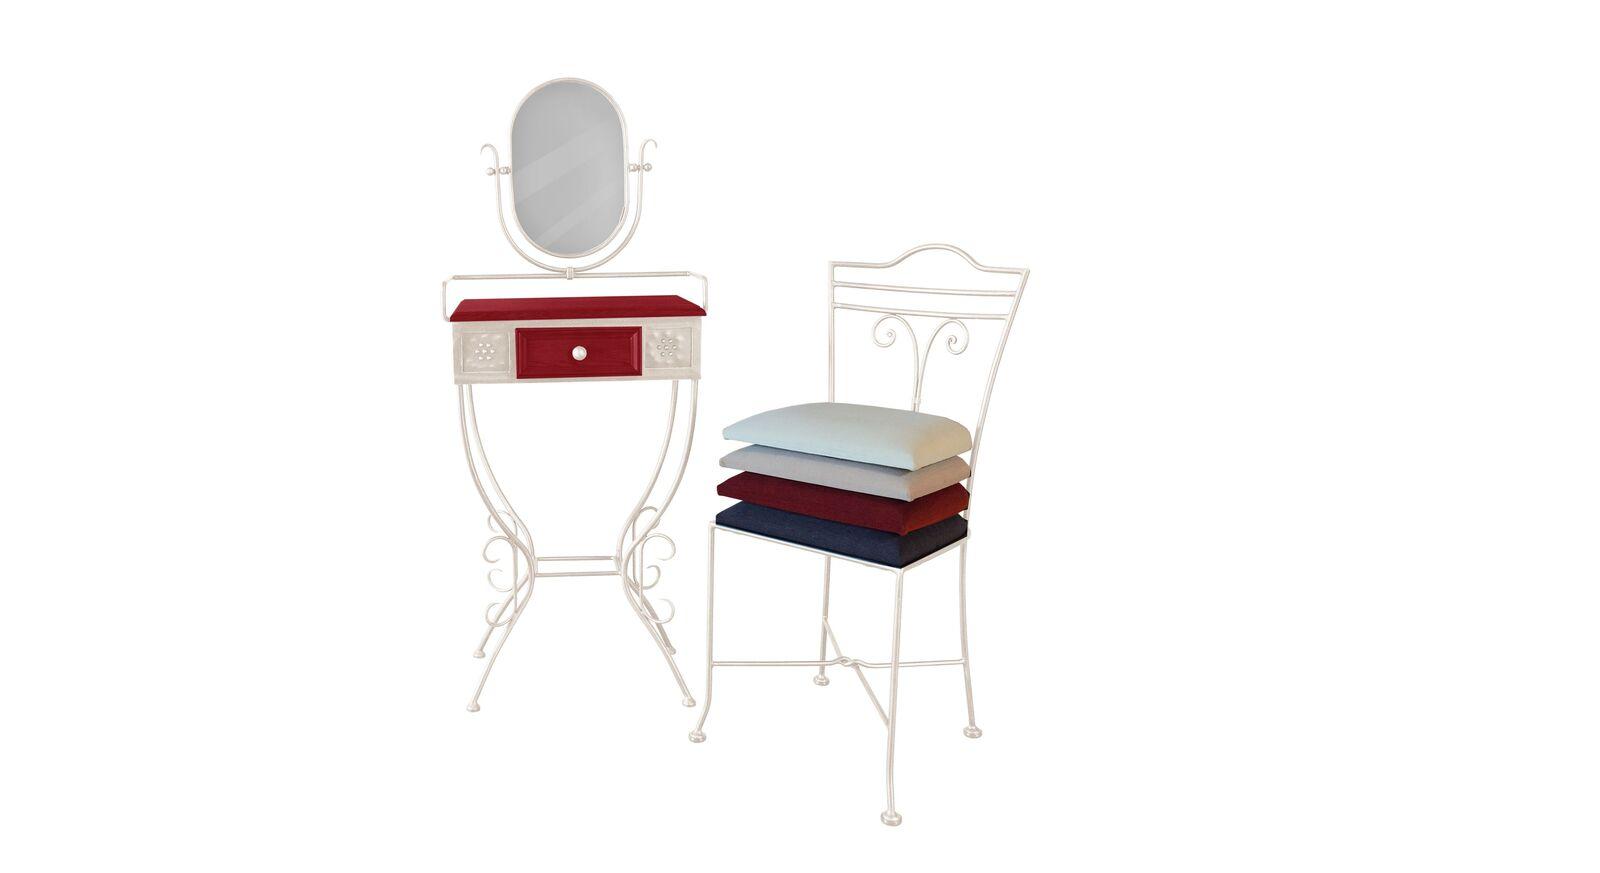 Schminktisch und Stuhl Loria aus cremefarbenem Metall und rotem Holz